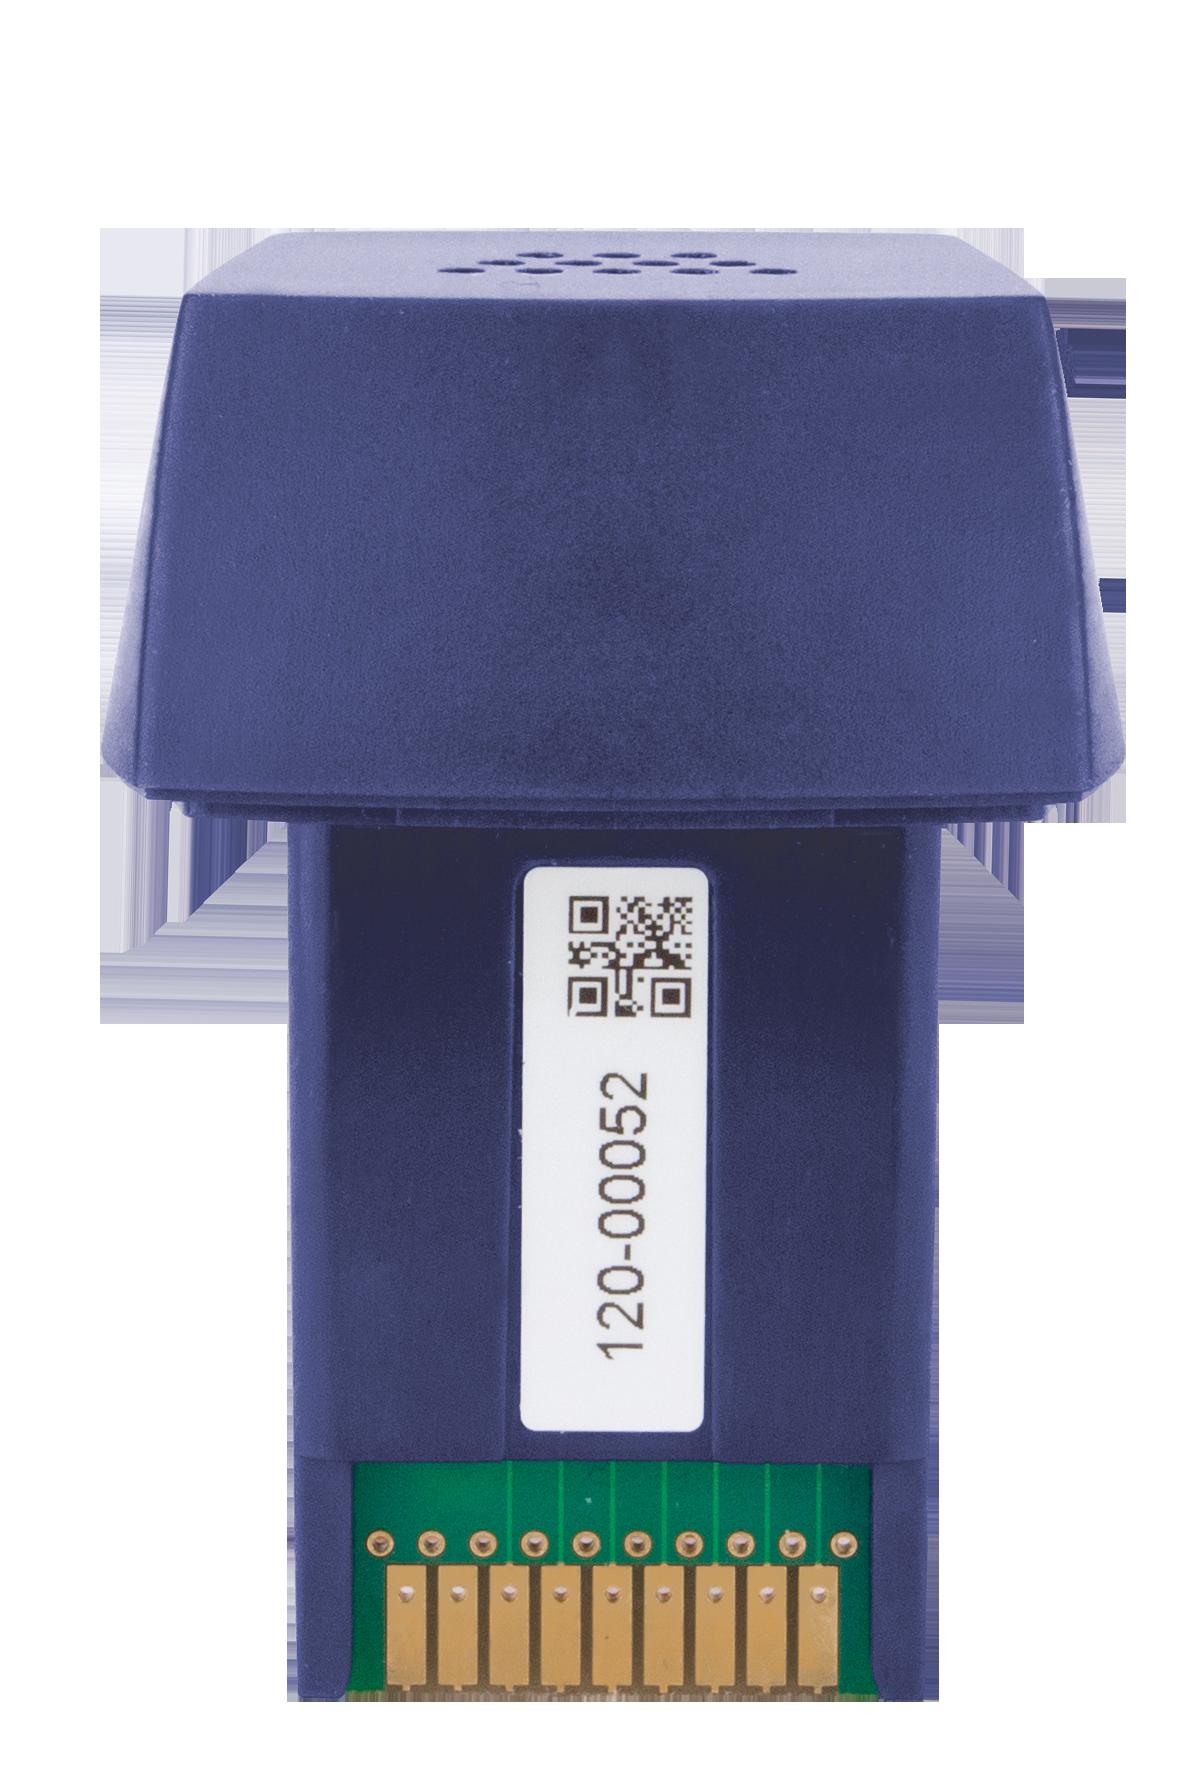 Wymienne głowice pomiarowe do urządzeń CAPBs STm i CAPBs device